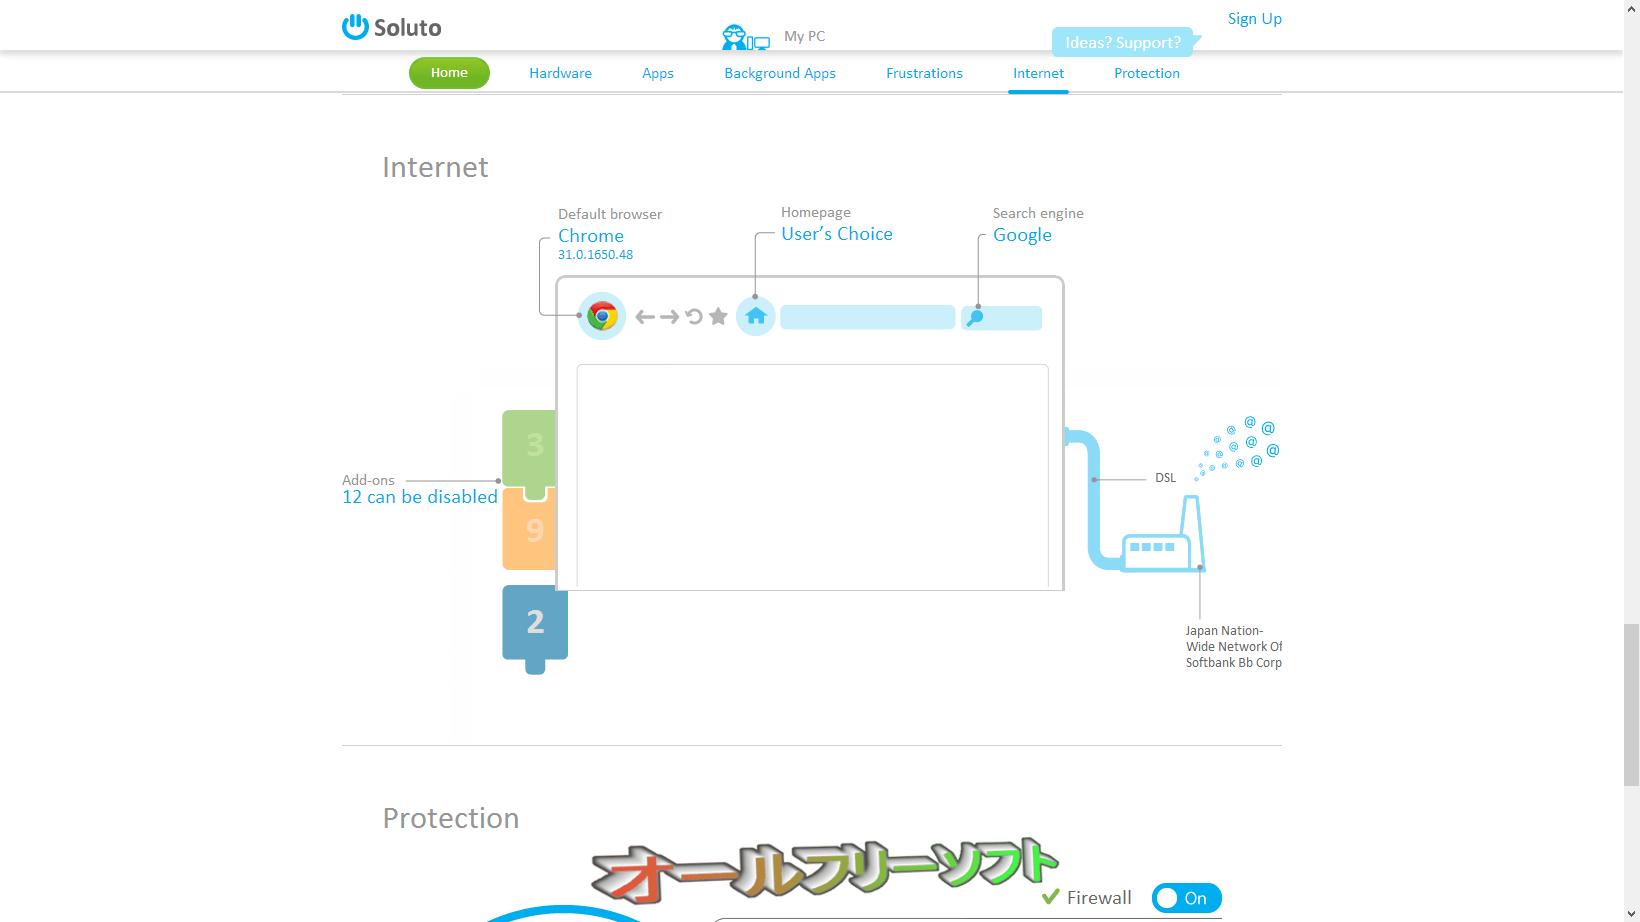 Soluto--Internet--オールフリーソフト